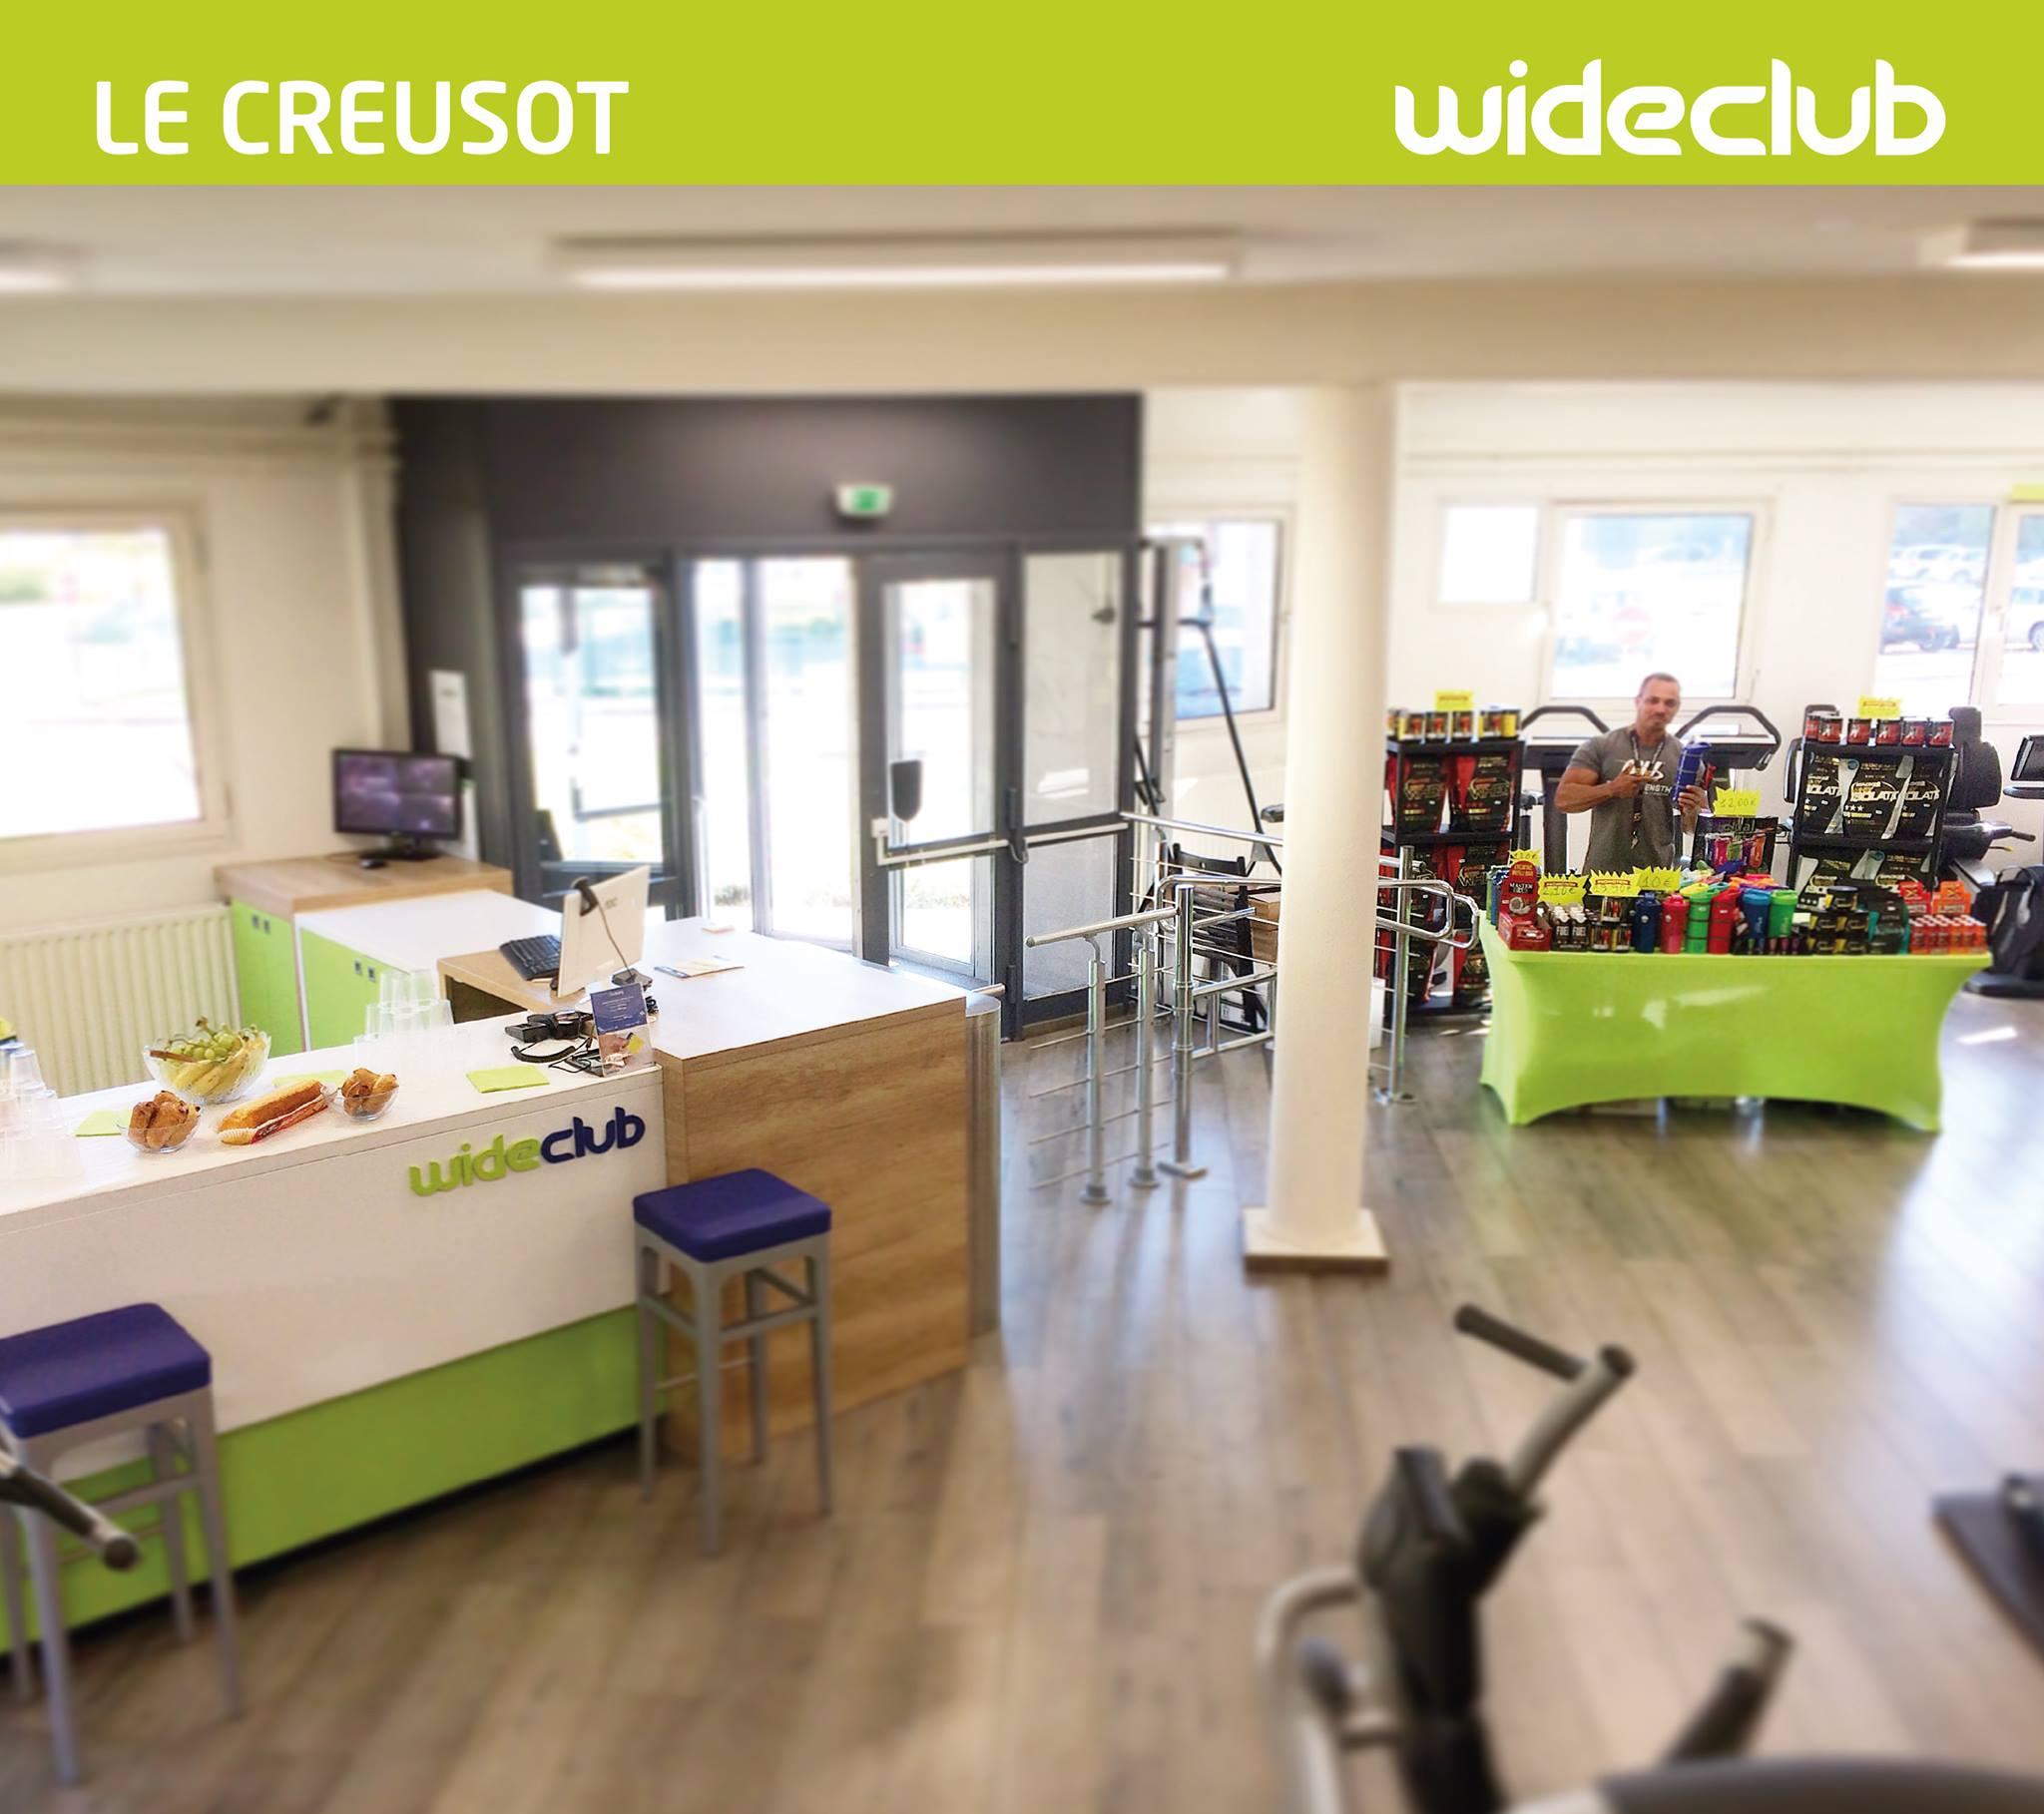 WIDE CLUB